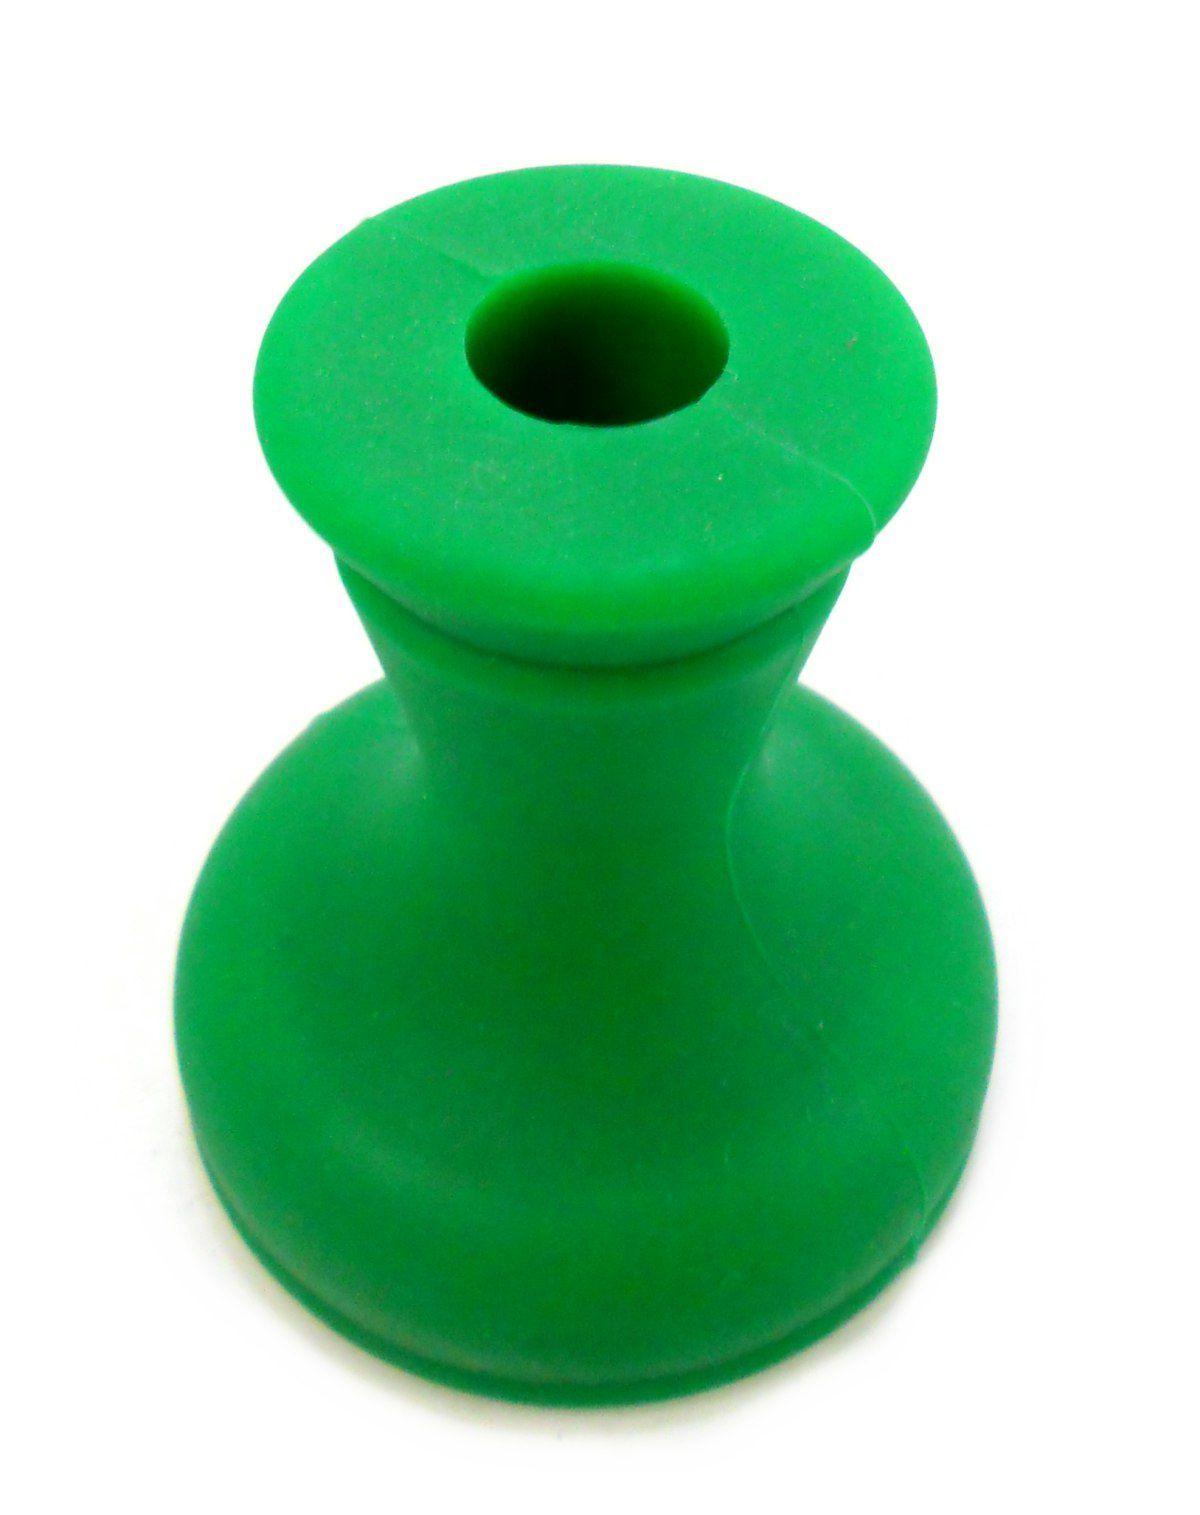 Fornilho/Rosh para narguile de silicone, tipo funil, 7cm de diâmetro. Ideal p/ Kaloud. Verde.